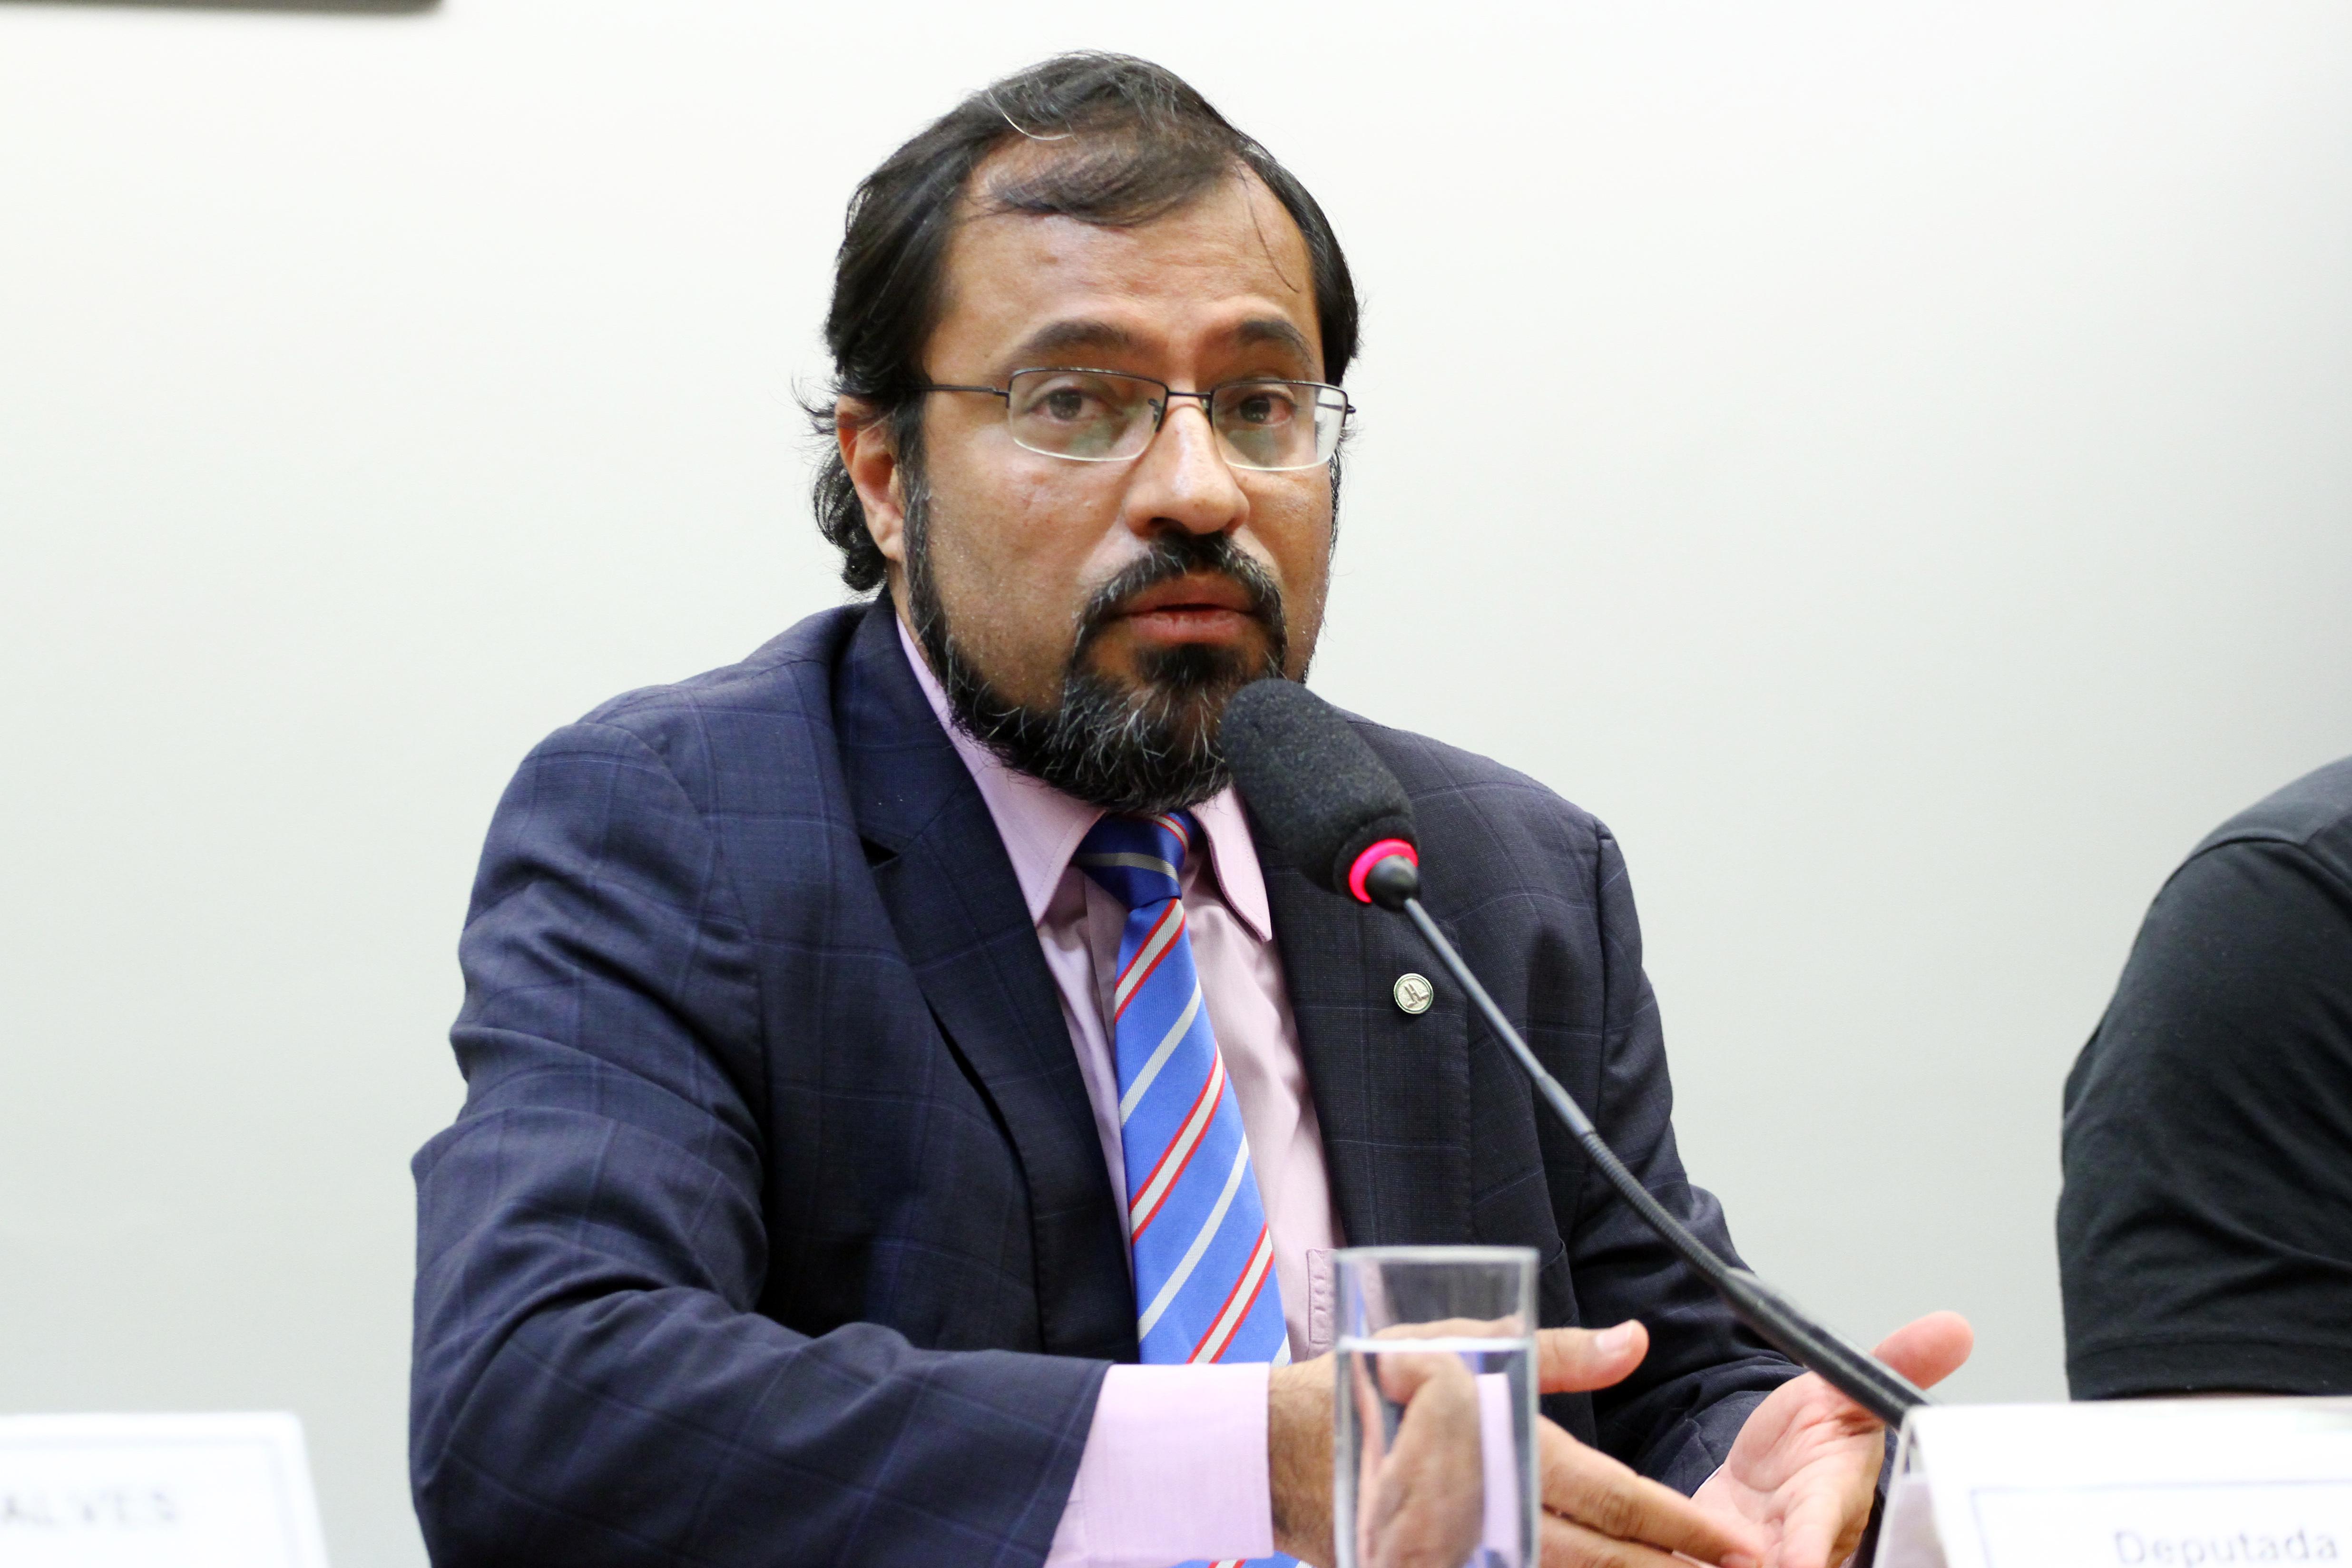 Audiência pública sobre as mudanças na política de saúde mental, álcool e outras drogas. Dep. Camilo Capiberibe (PSB - AP)